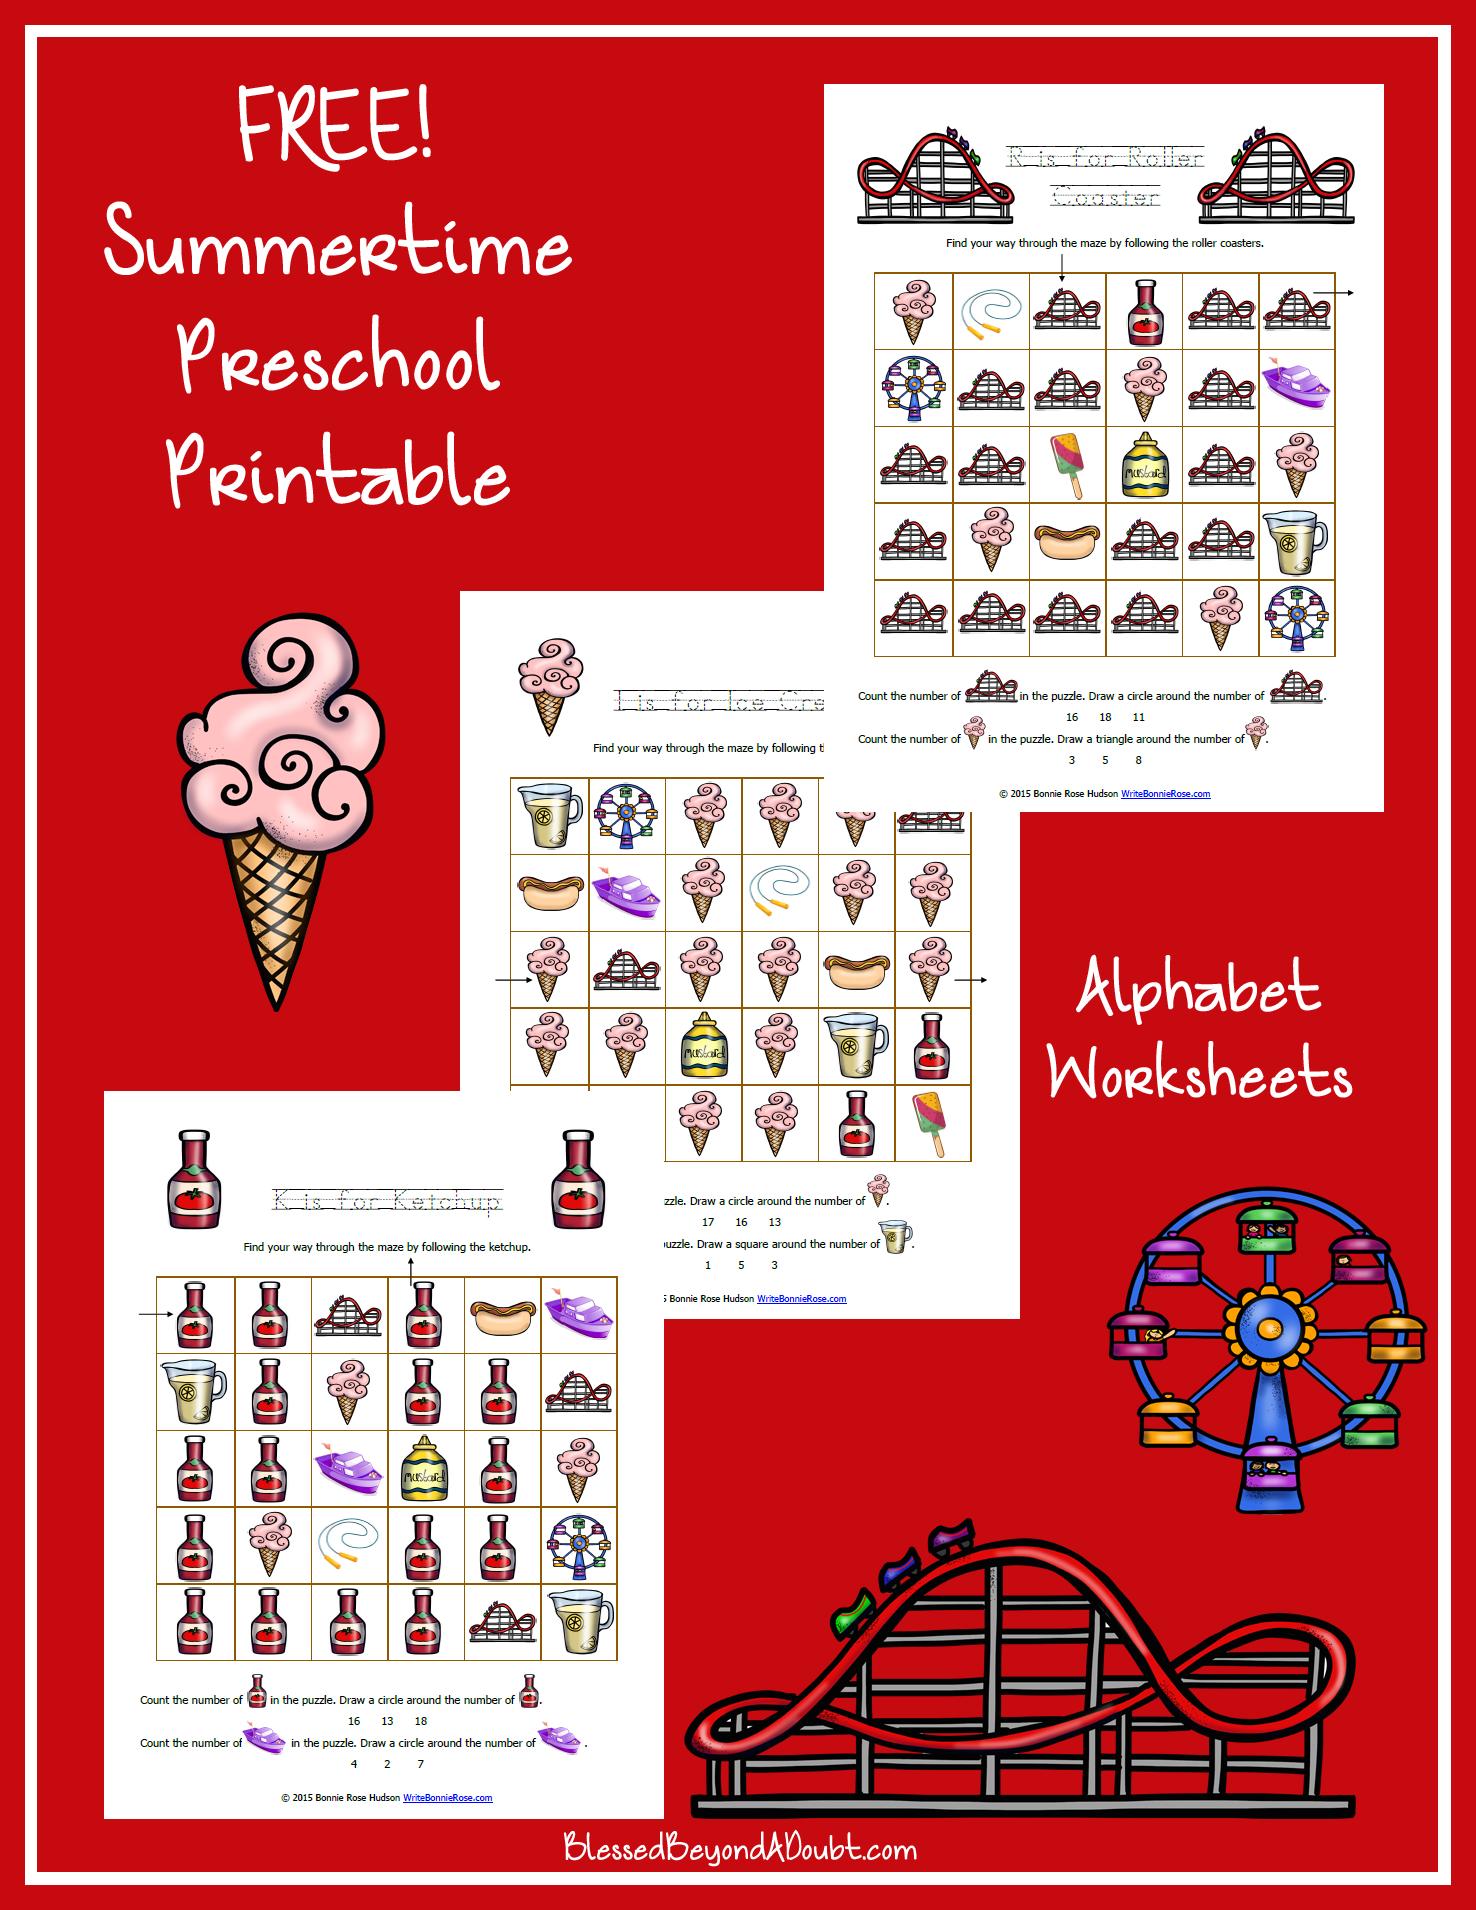 Summer-Themed Preschool Letter Pack